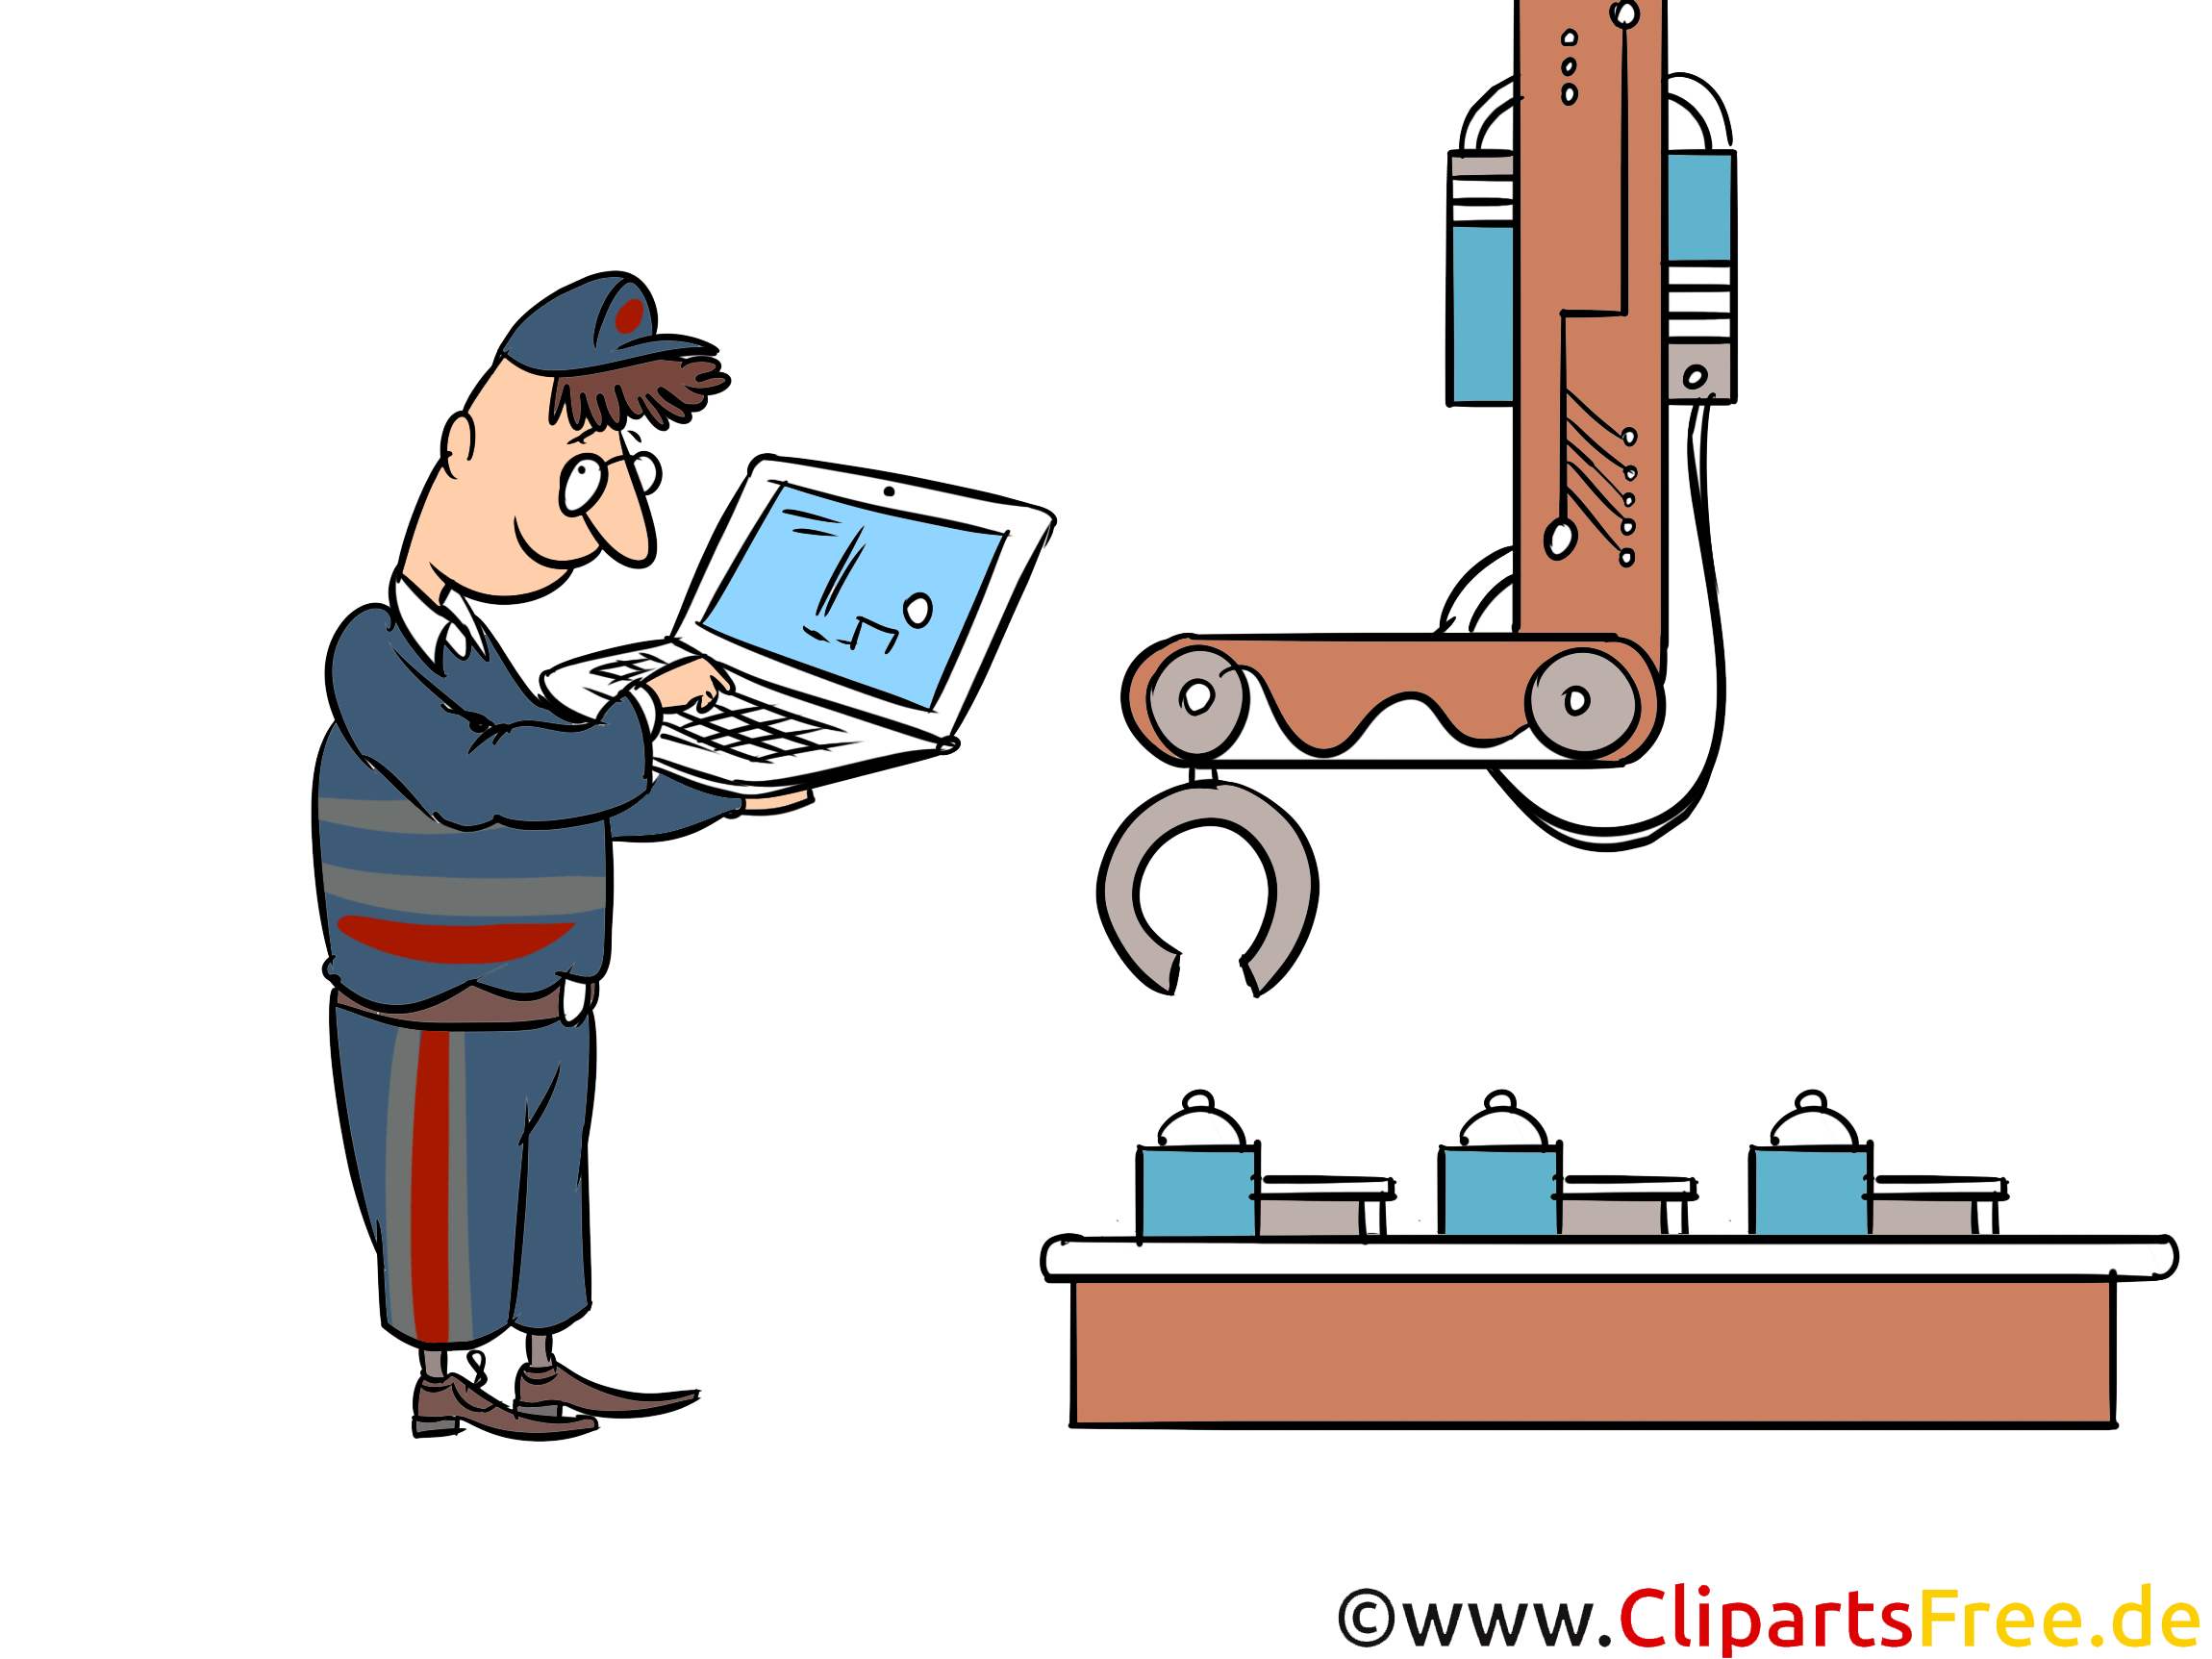 Digitalisierung, Prozessautomatisierung Cliparts, Illustrationen, Bilder